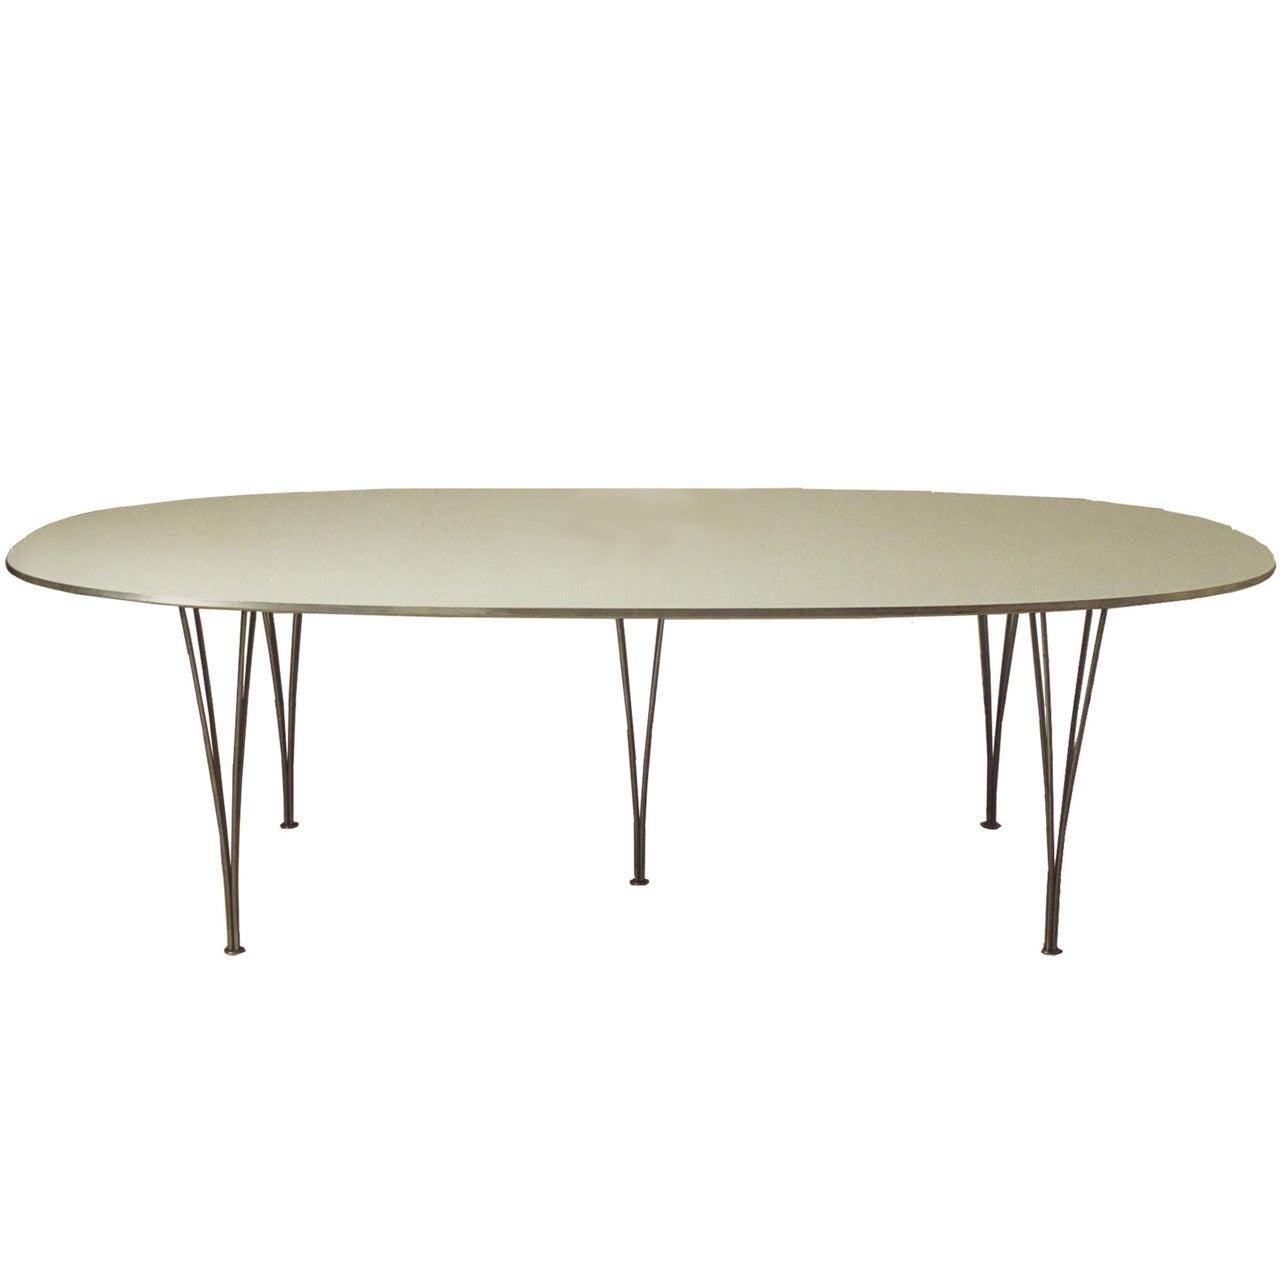 Piet Hein, Mid-Century Modern, Super Ellipse Table Manufactured by Fritz Hansen